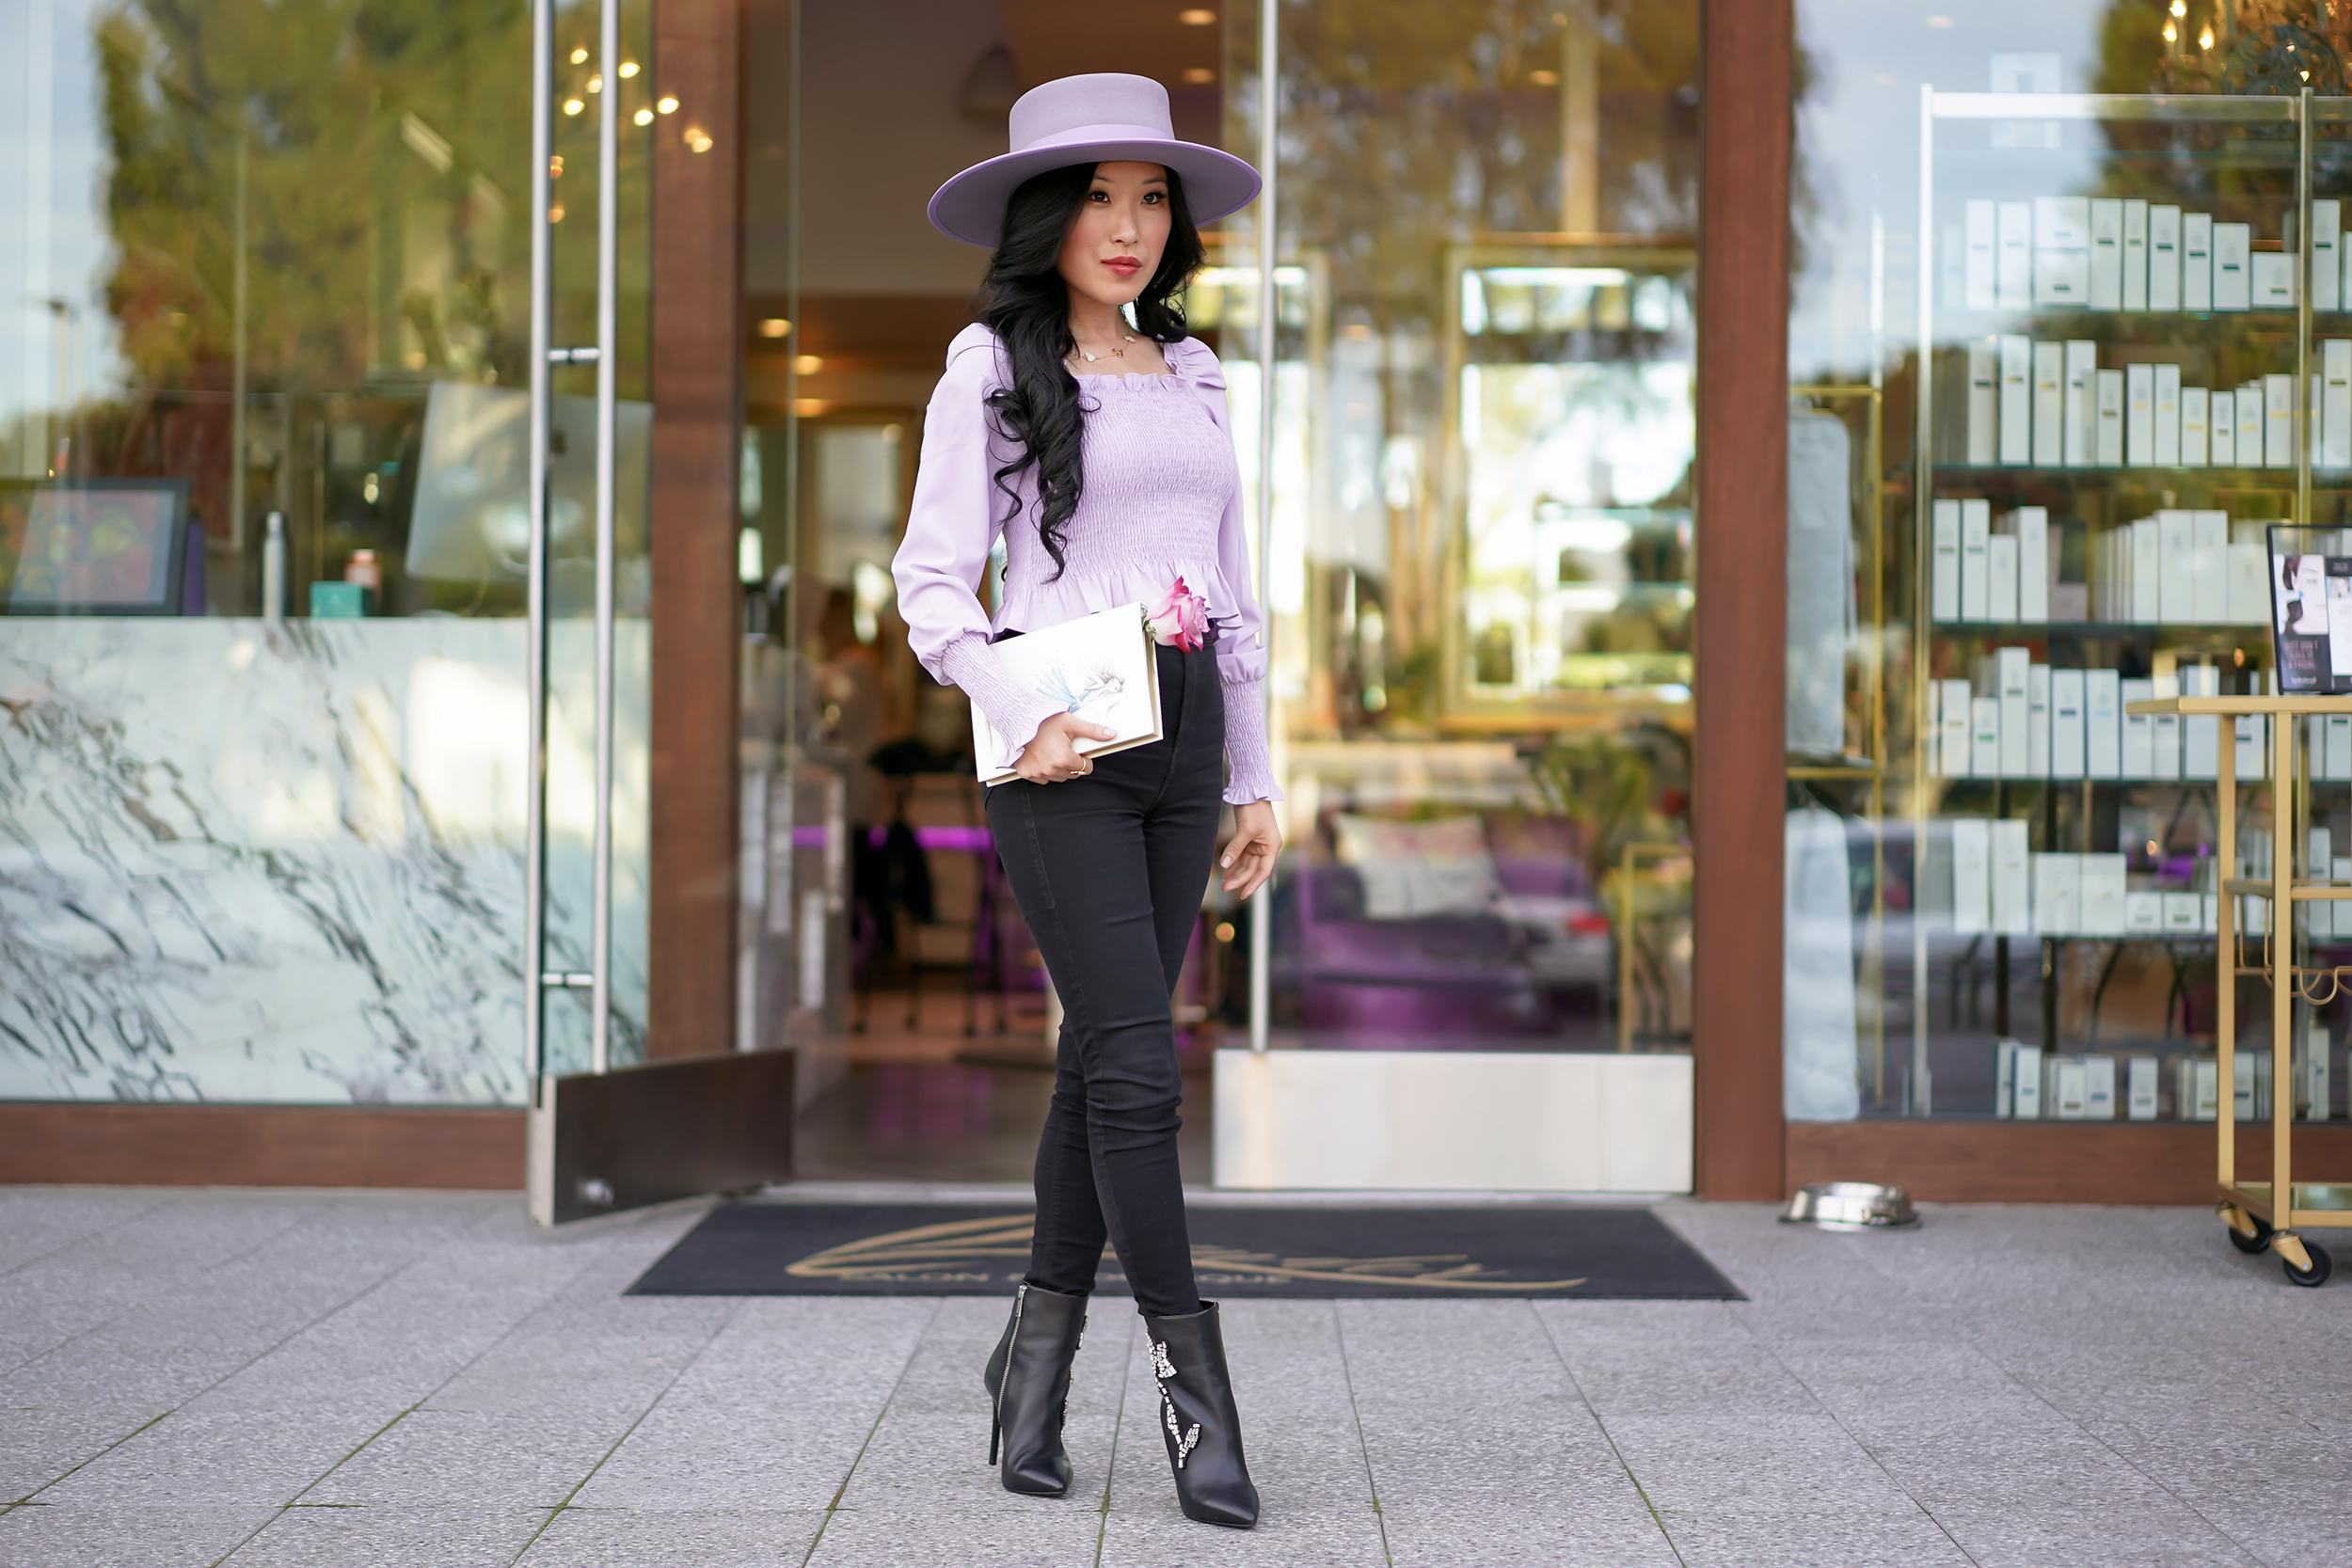 Olive & Pique Vida Boater Lavender Hat, Sugarlips Lavender Smocked Top